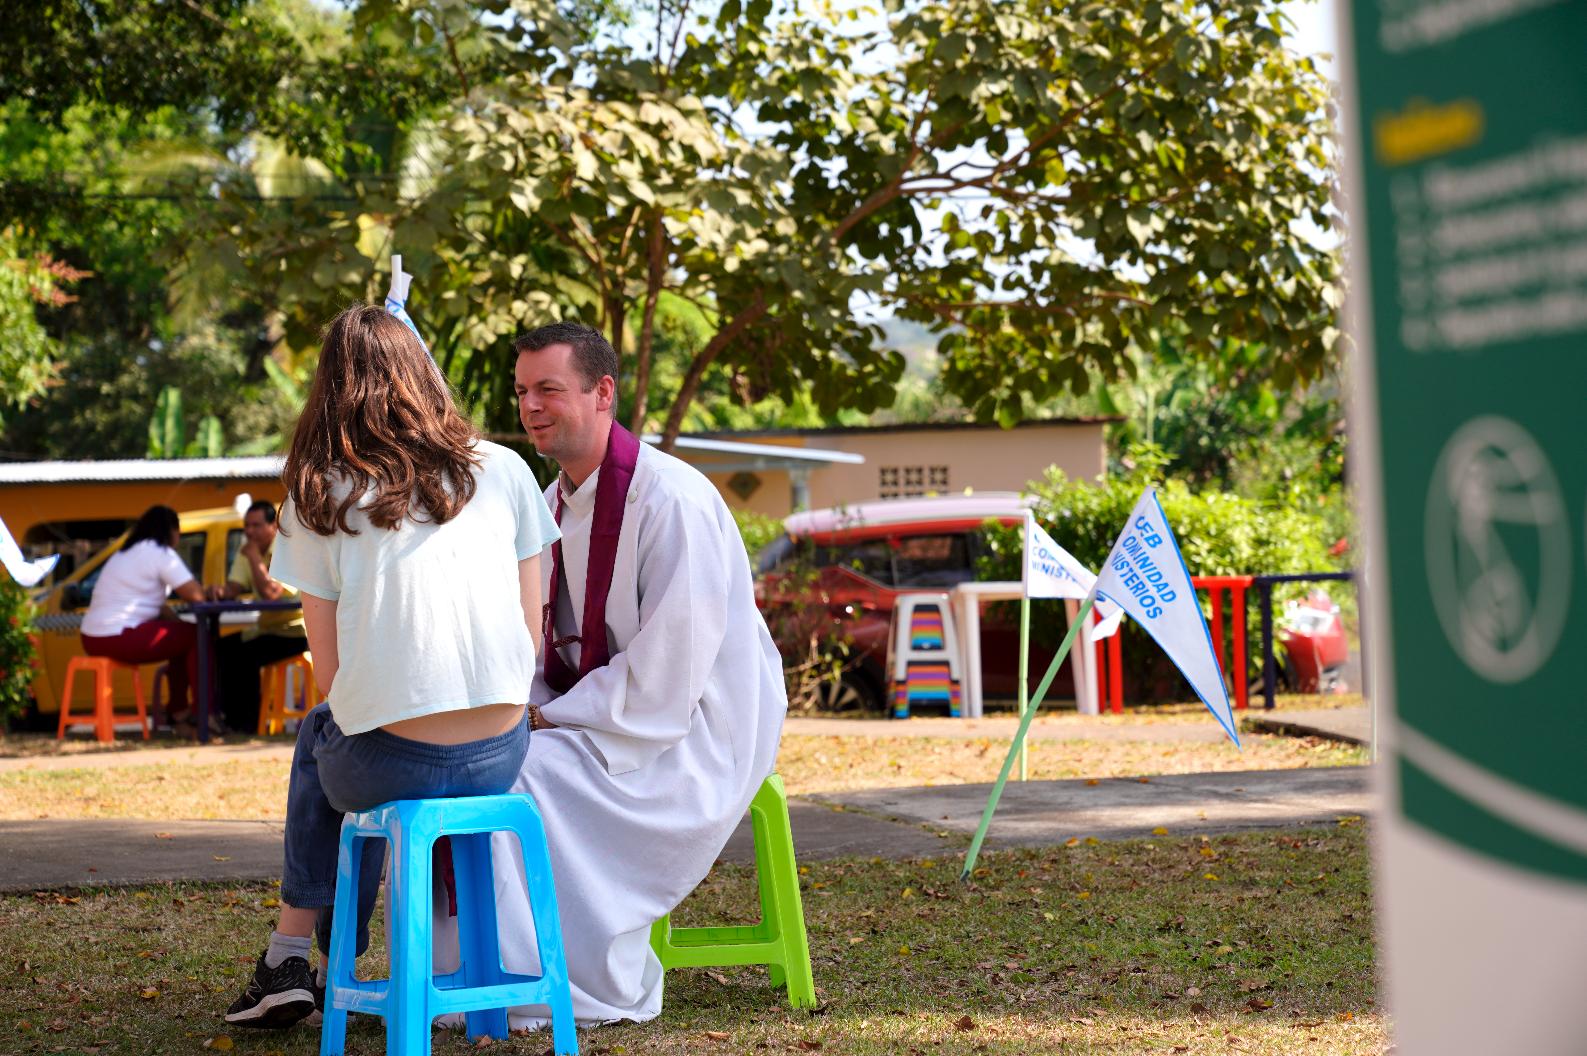 Veel jongeren kozen voor een persoonlijk gesprek of een biecht bij een priester. © Koen Van den Bossche